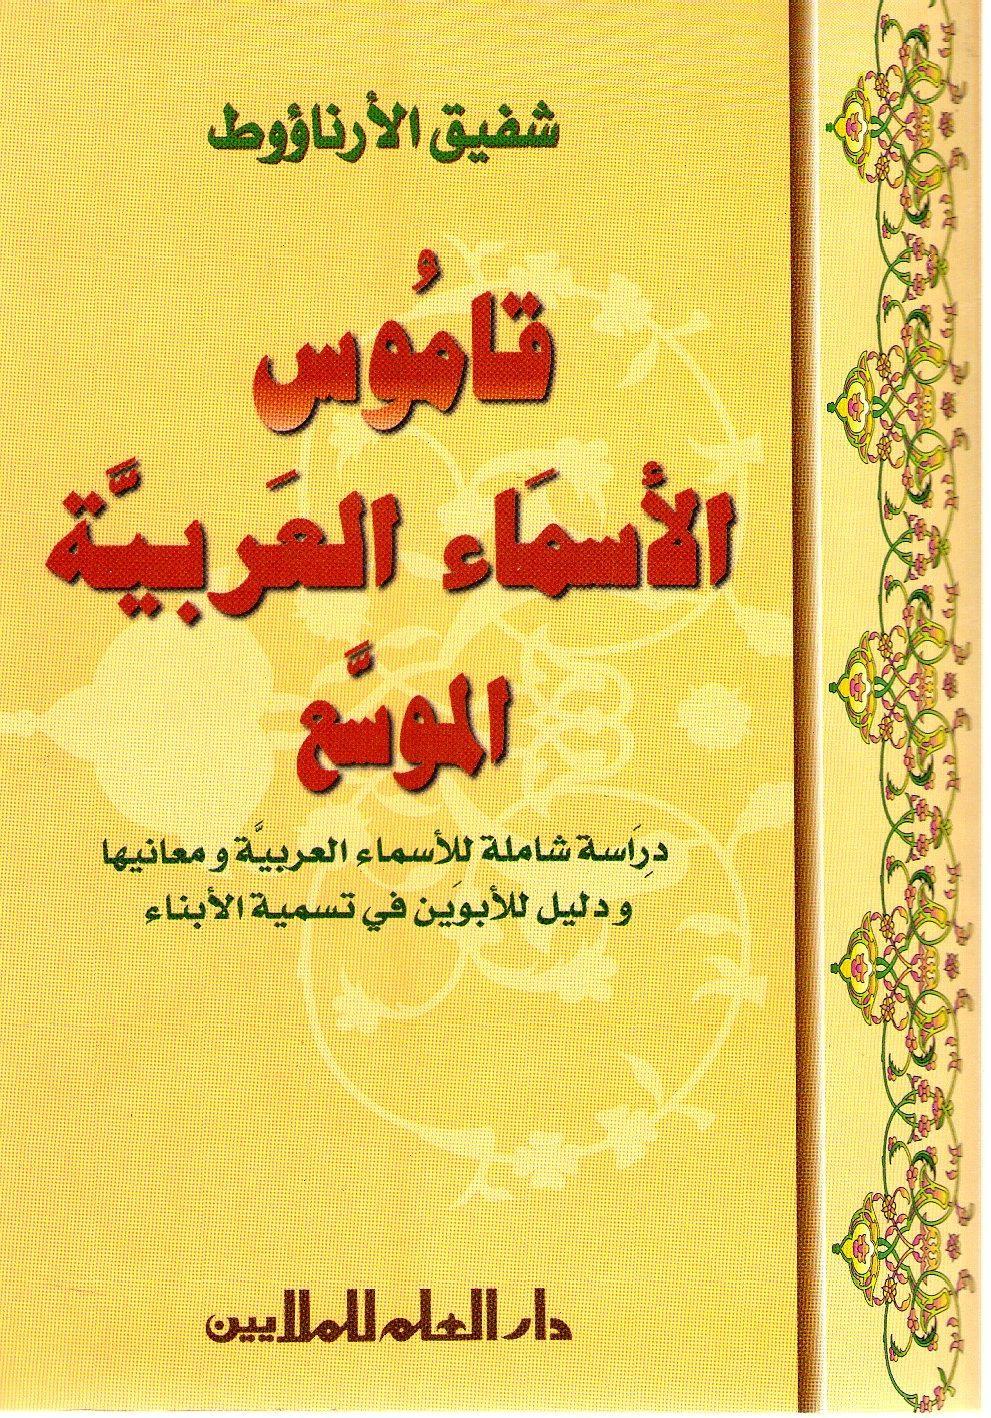 صورة قاموس الاسماء العربية